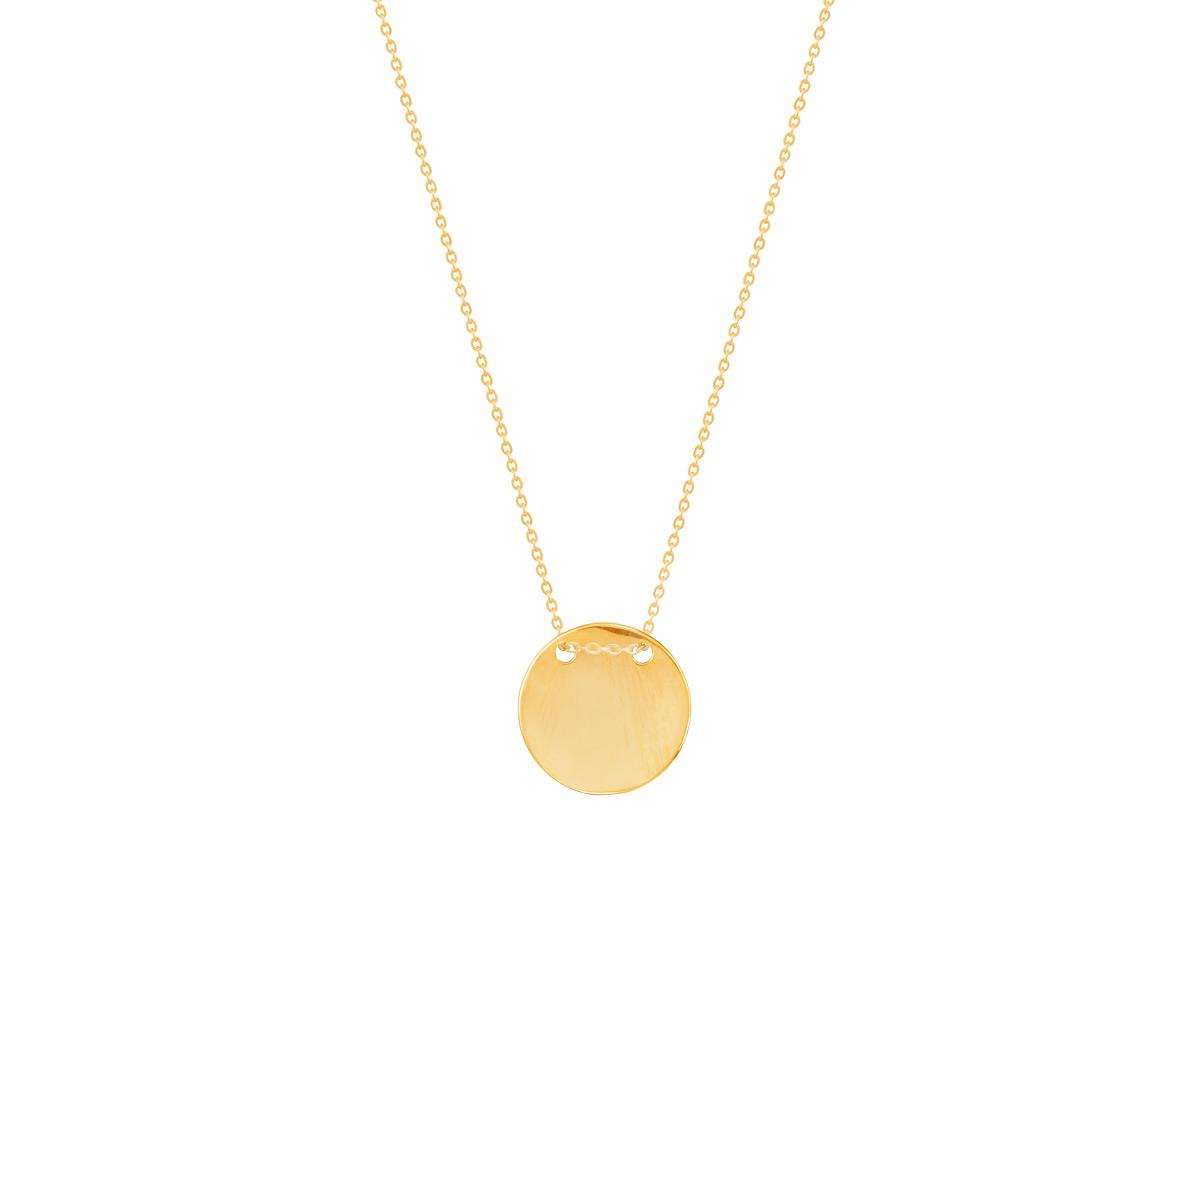 گردنبند طلا دایره حکاکی بخیه ای متوسط